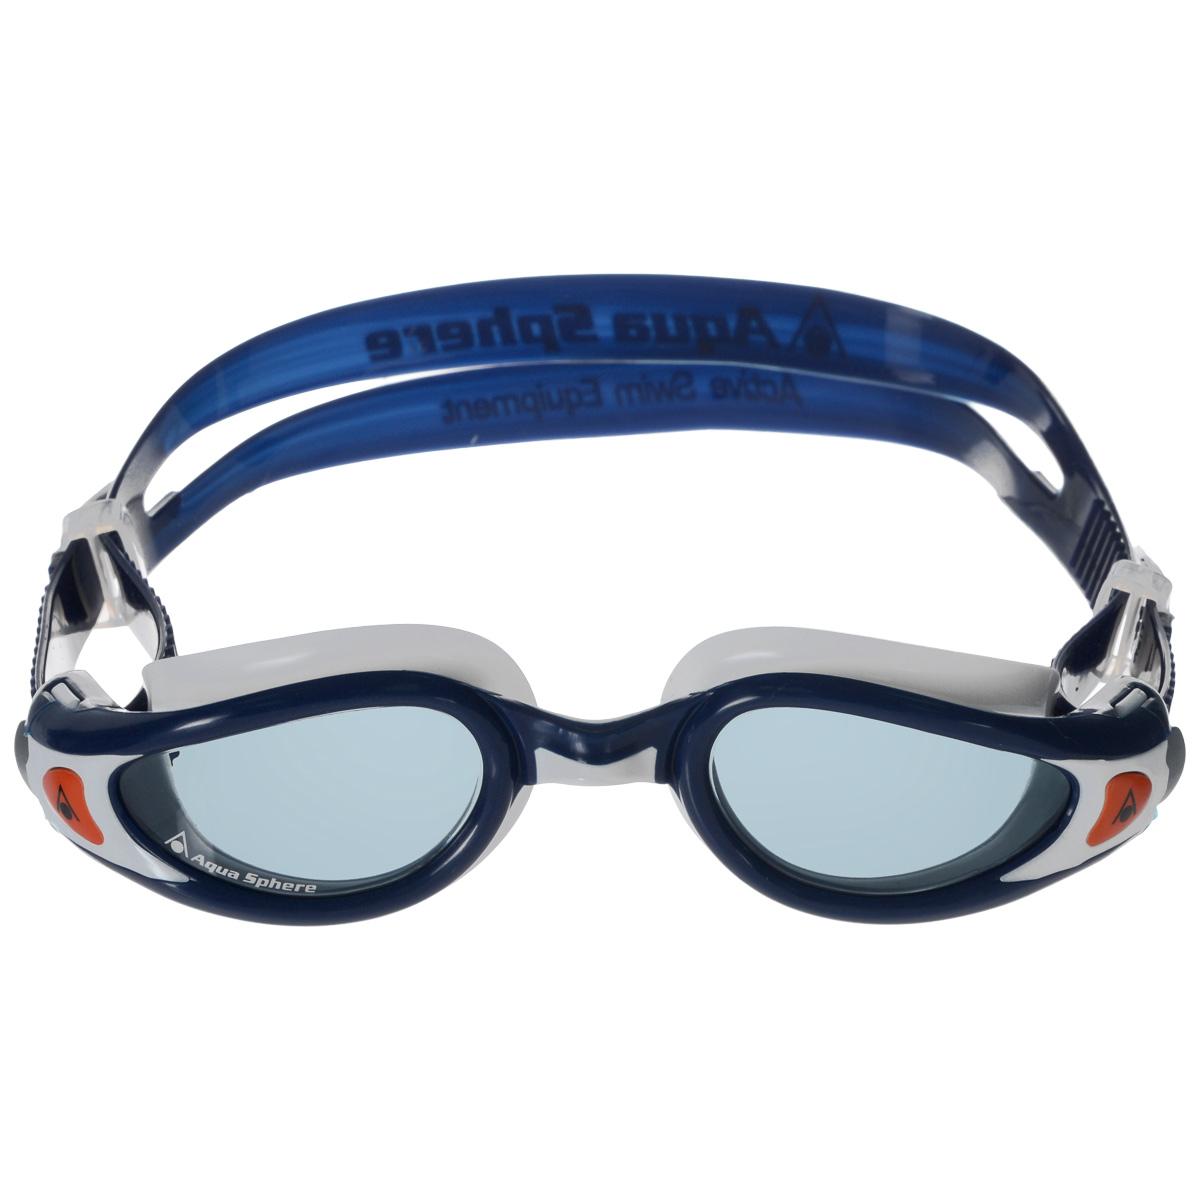 Очки для плавания Aqua Sphere Kaiman Exo, прозрачные линзы, цвет: синий, белыйTN 175600Модные и стильные очки Aqua Sphere Kaiman Exo идеально подходят для плавания в бассейне или открытой воде. Особая технология изогнутых линз позволяет обеспечить превосходный обзор в 180°, не искажая при этом изображение. Очки дают 100% защиту от ультрафиолетового излучения. Специальное покрытие препятствует запотеванию стекол. Новая технология каркаса EXO-core bi-material обеспечивает максимальную стабильность и комфорт. Материал: софтерил, plexisol.